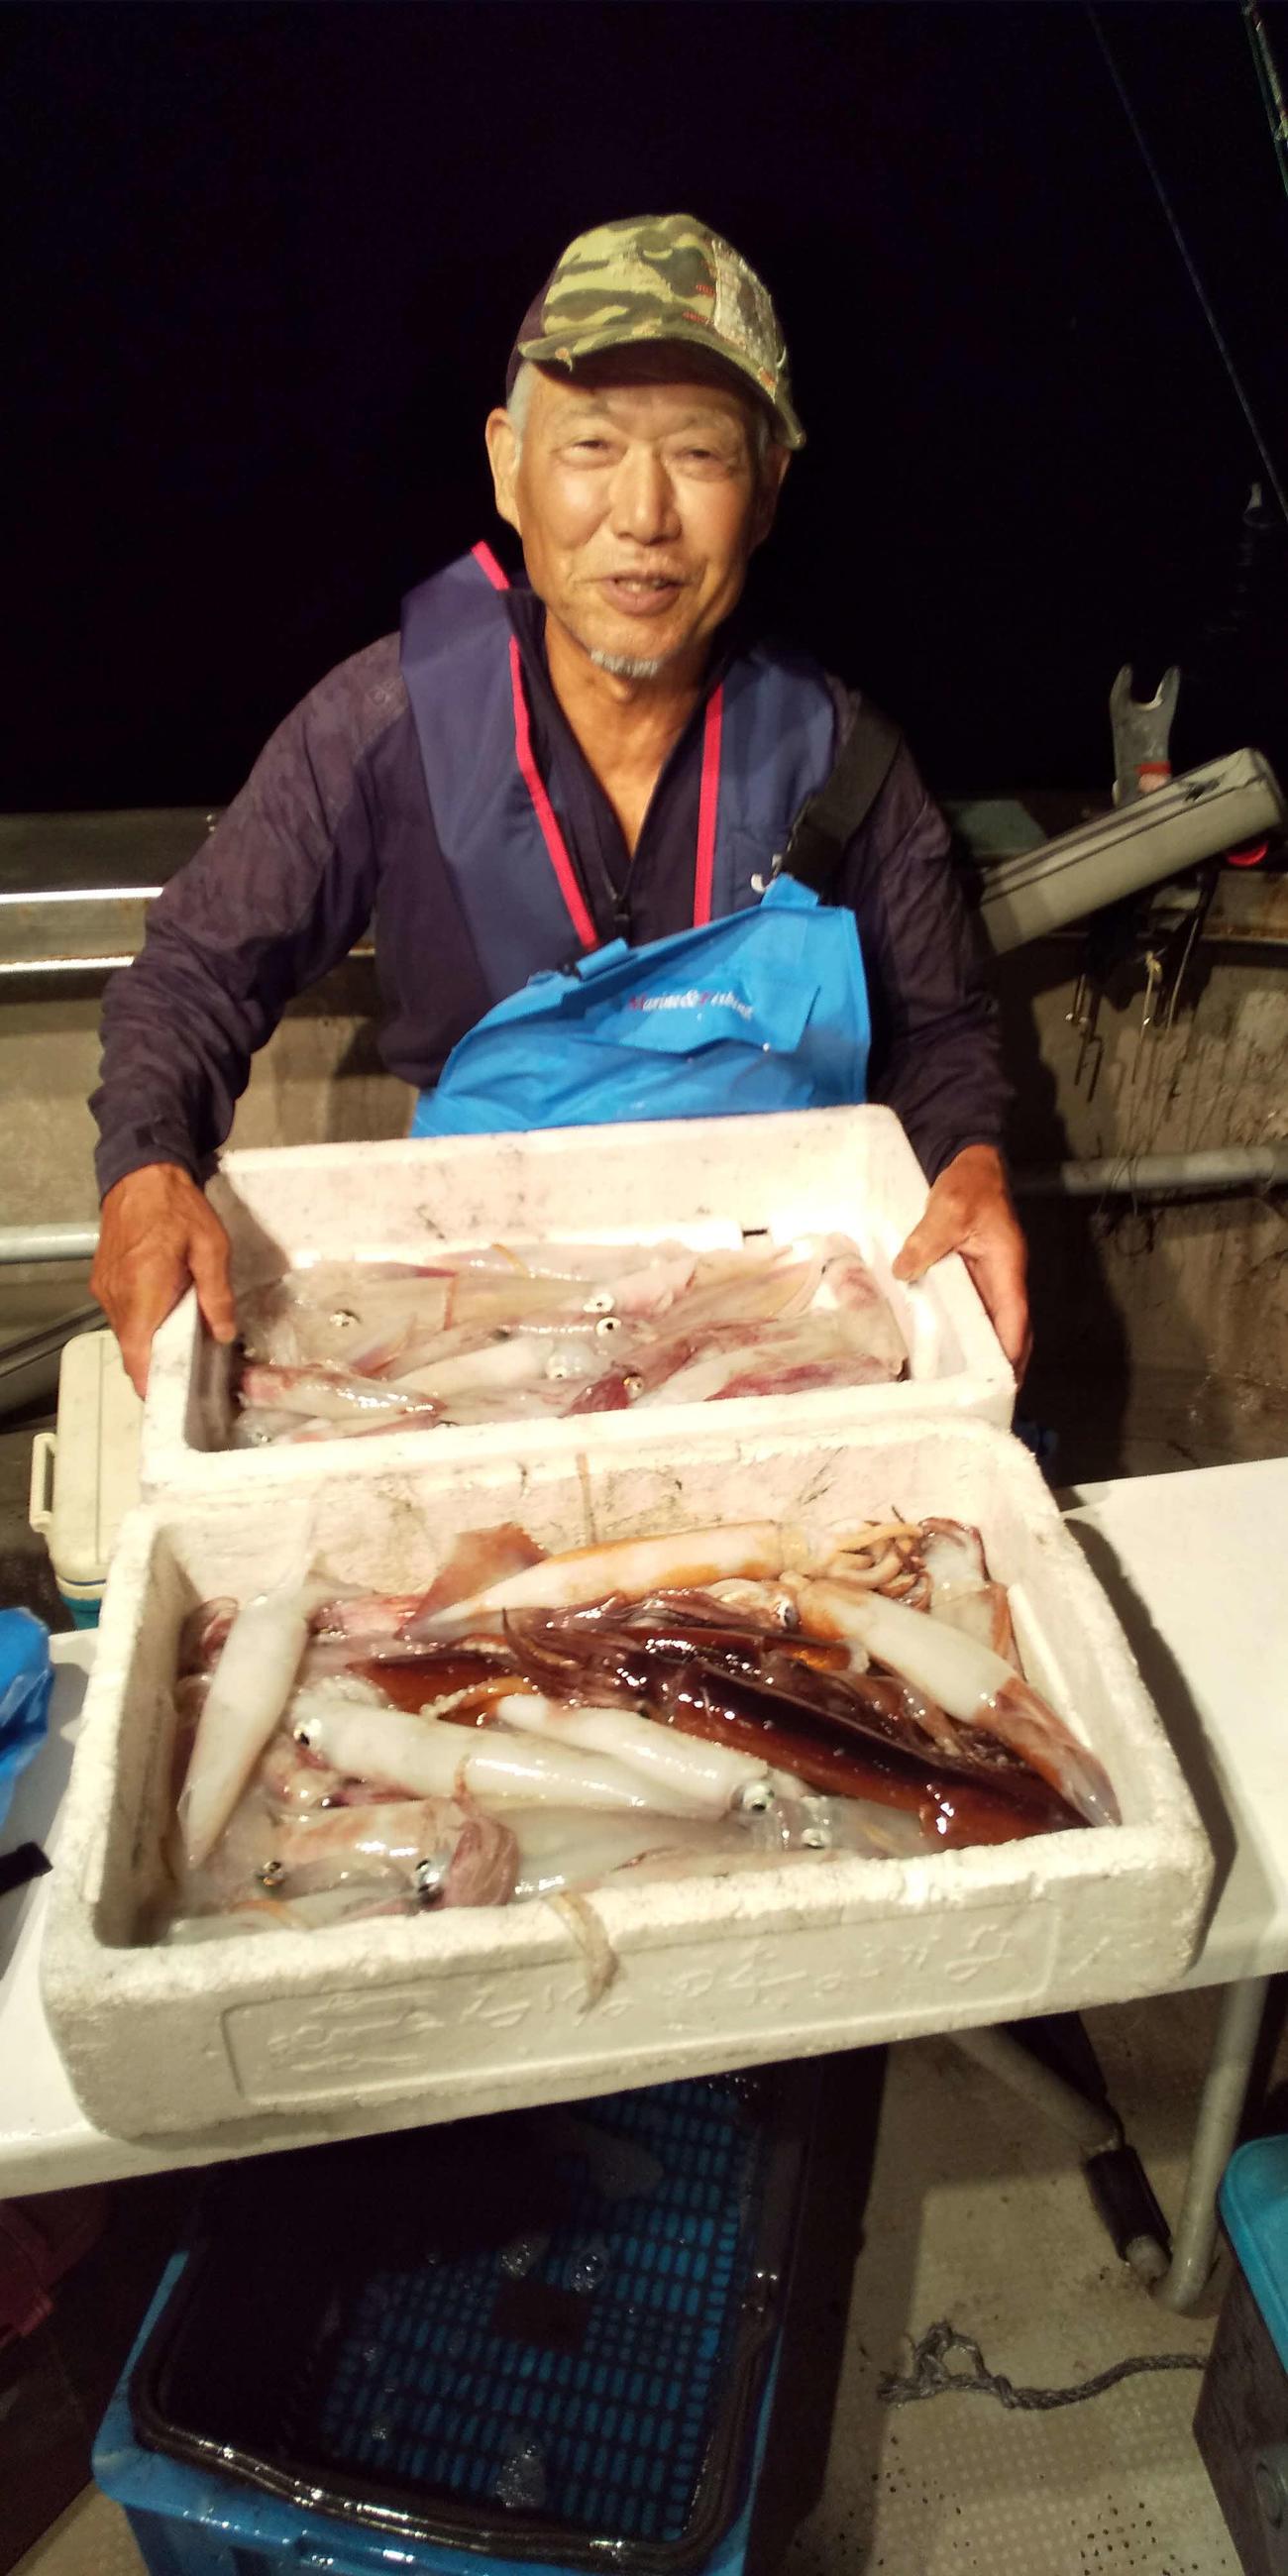 釣ったマイカを笑顔で披露する竿頭の鈴木さん